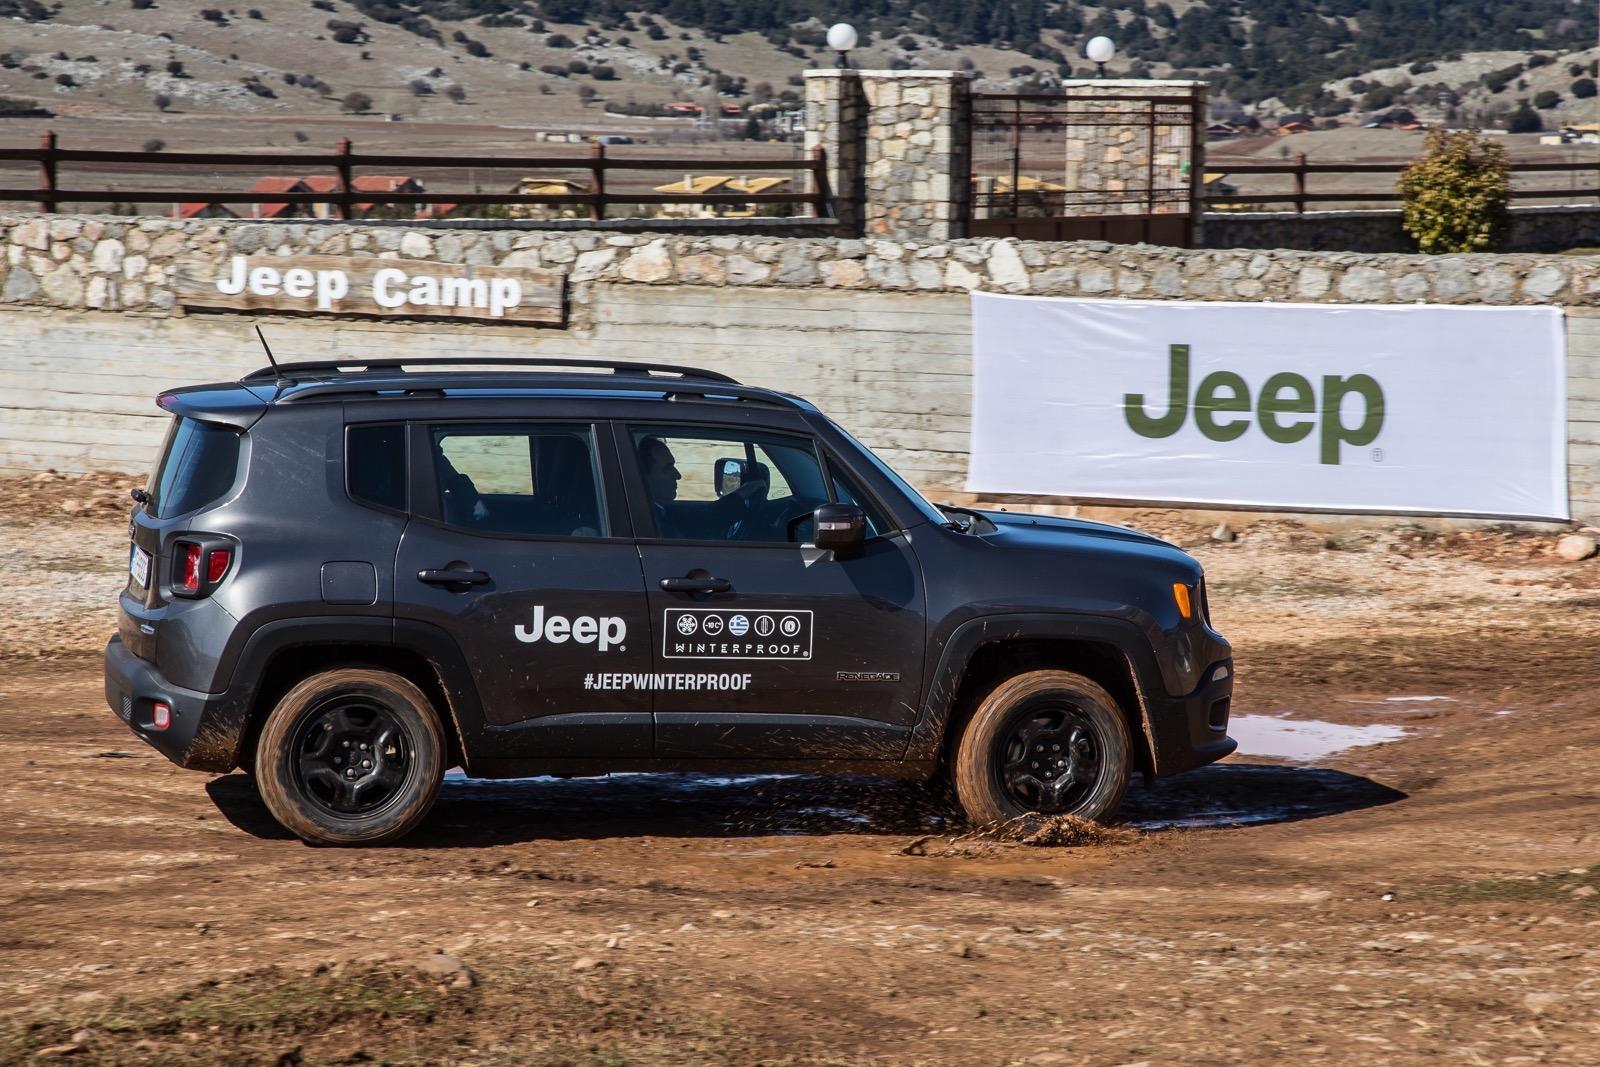 Jeep_Camp_Arahova_72